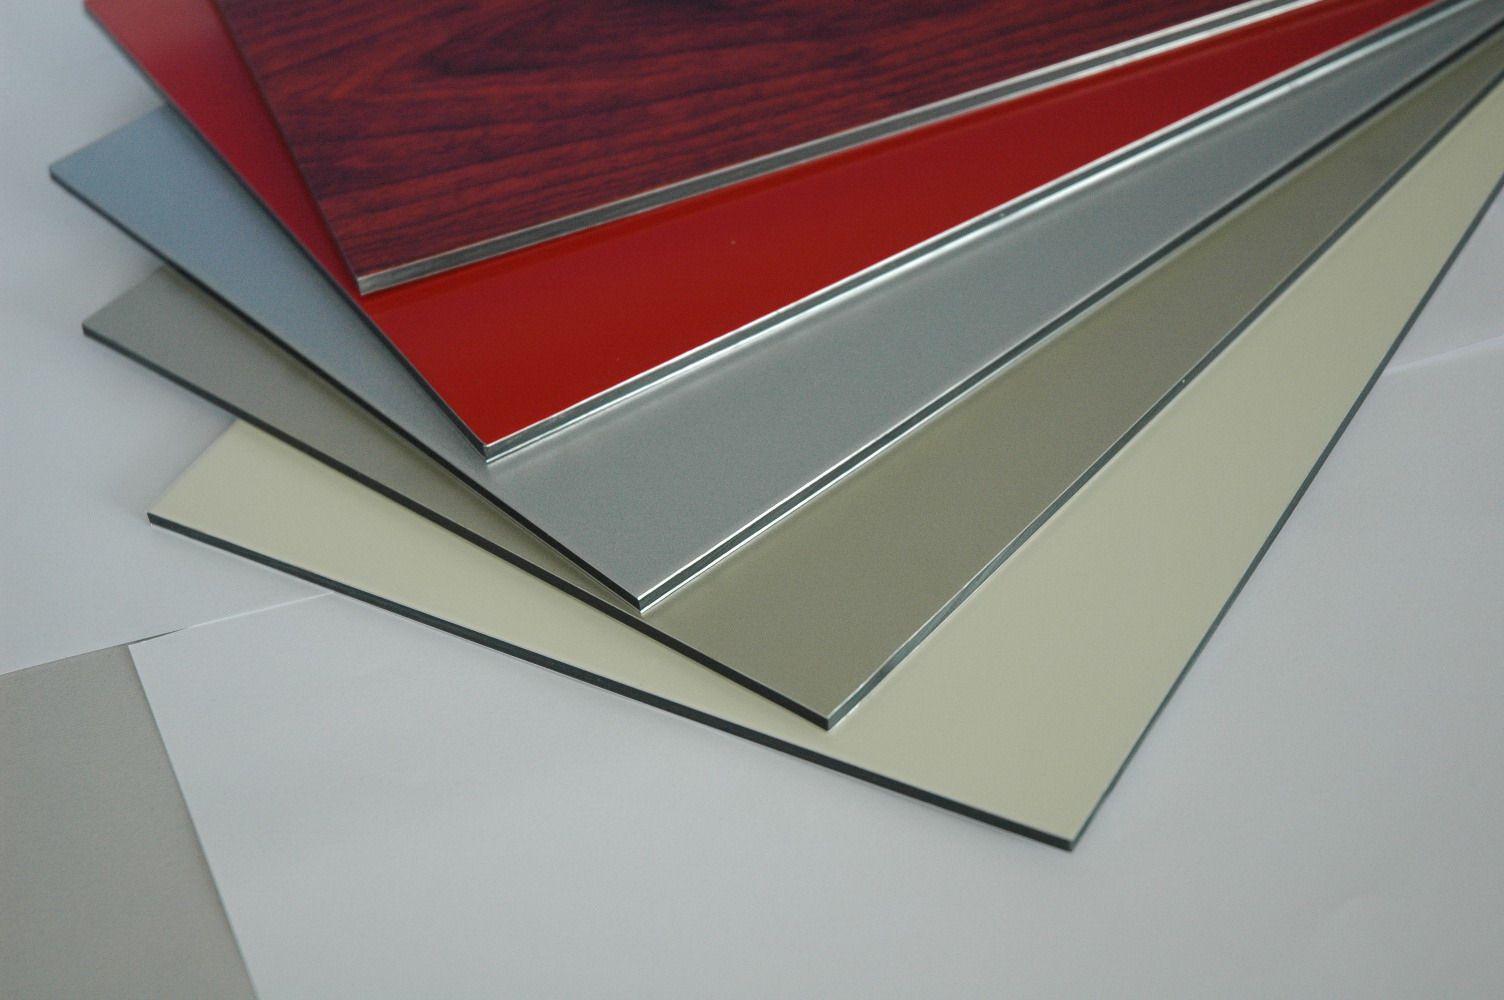 防火铝塑板_防火铝塑板价格_优质防火铝塑板批发/... - 搜好货网